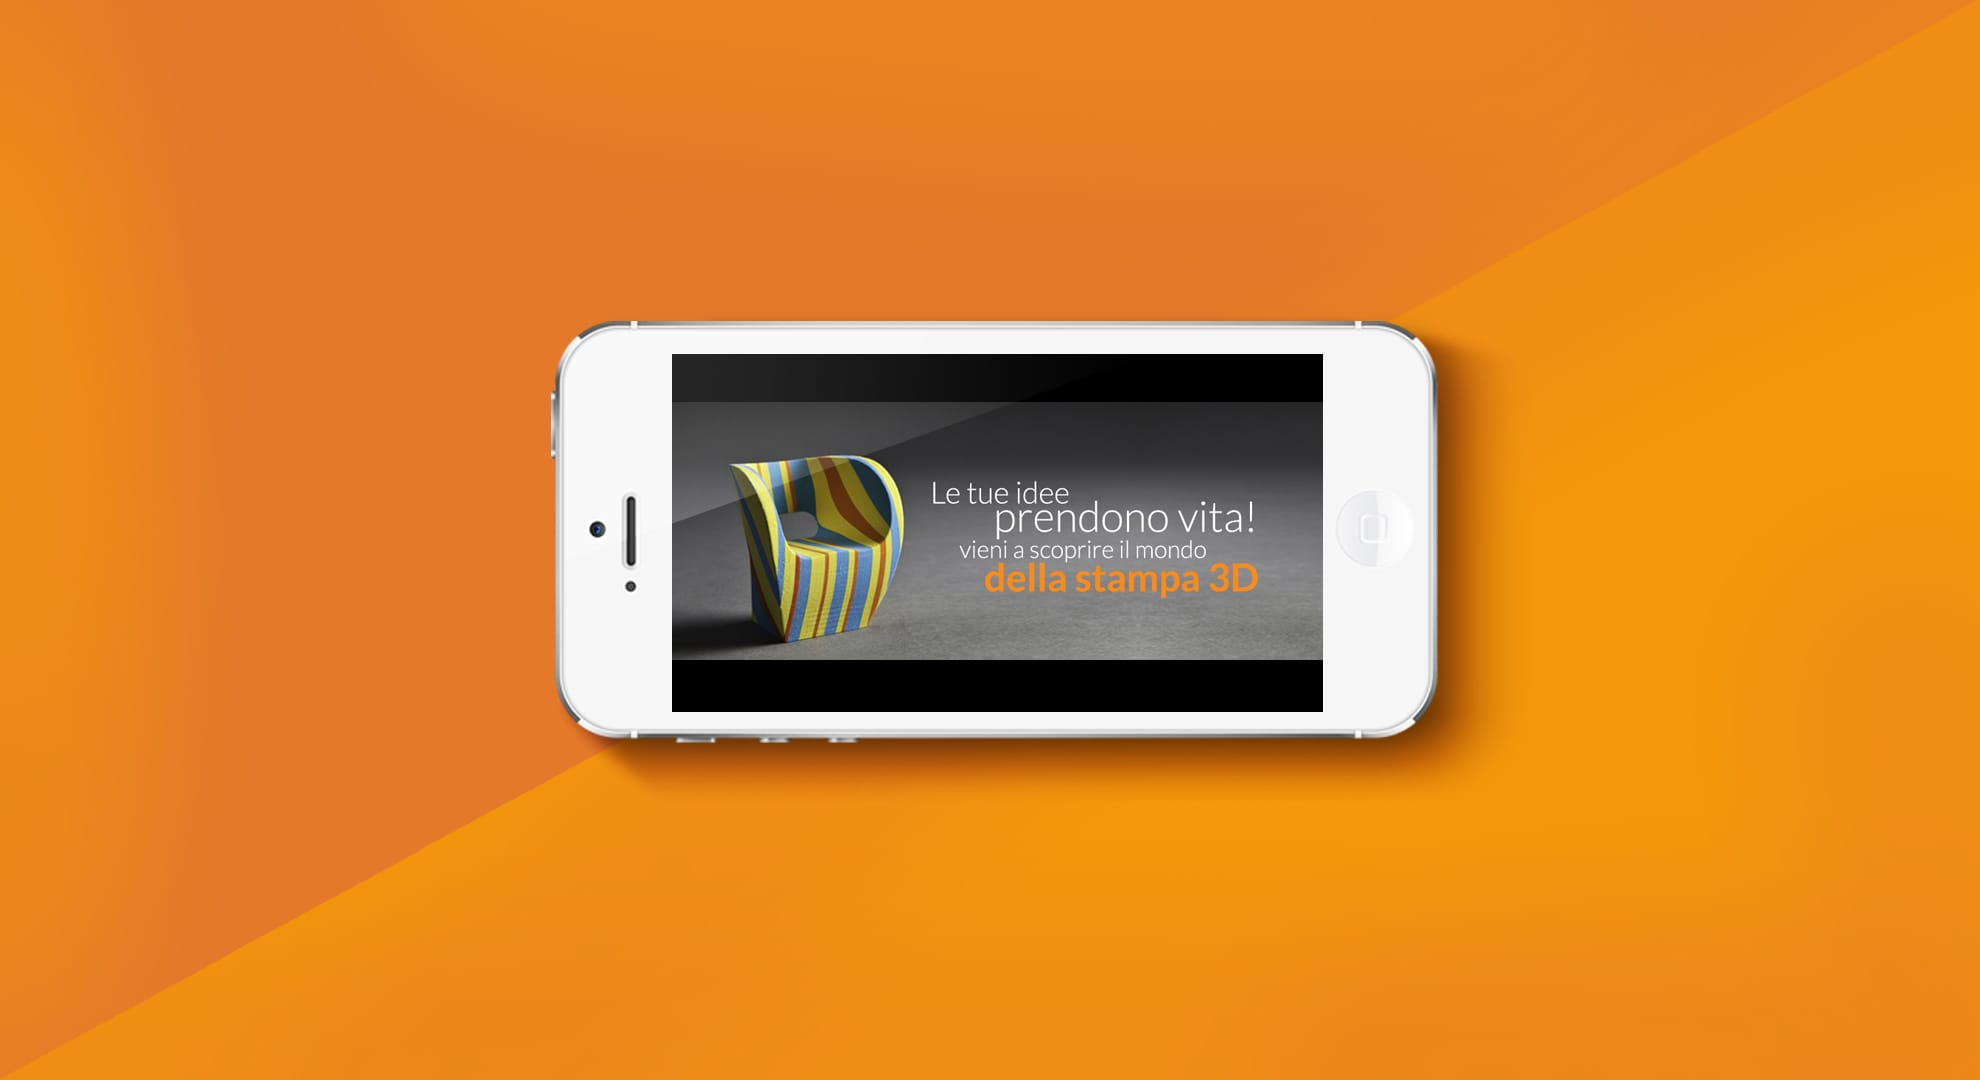 digicopy-portfolio-grafica-paper-3d-print-banner-web